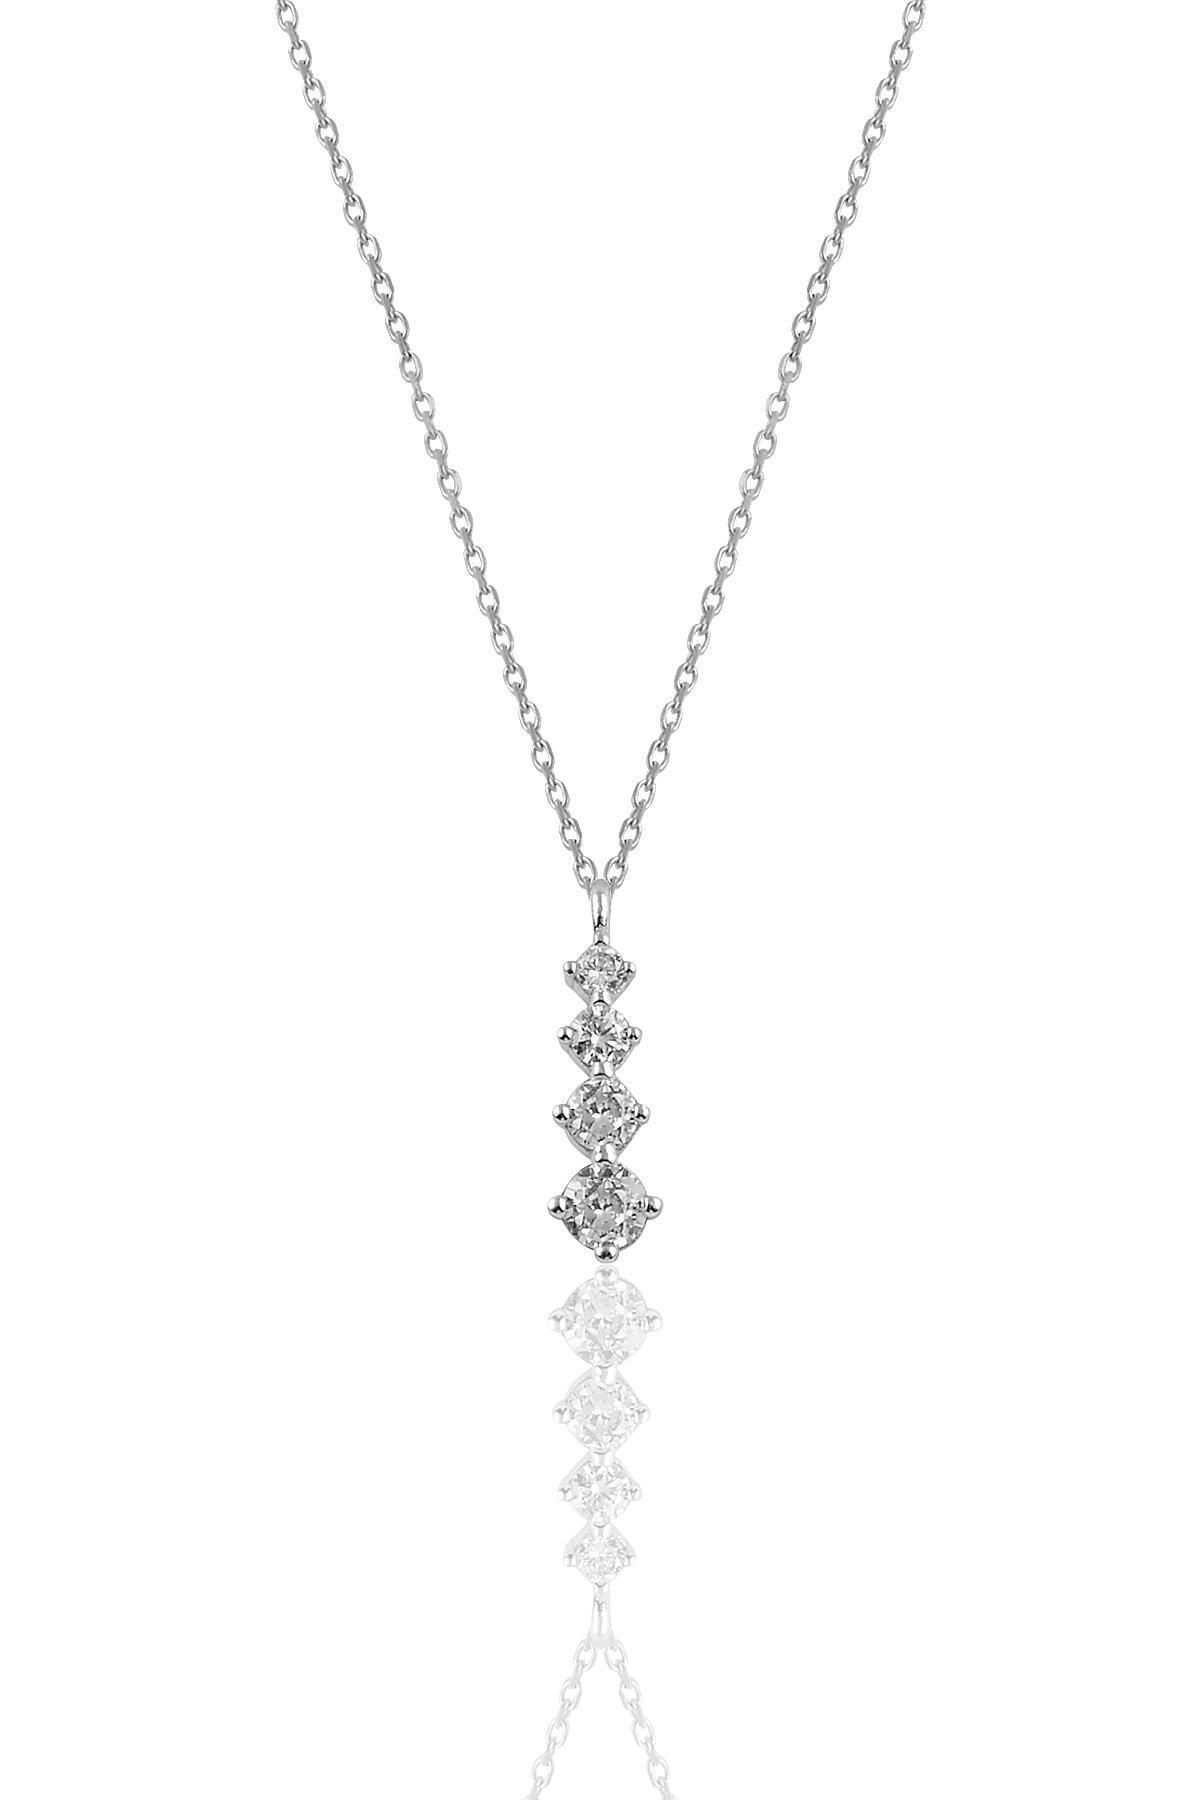 Söğütlü Silver Gümüş Rodyumlu  Zirkon Taşlı Pırlanta Modeli Pırıltı Kolye 0